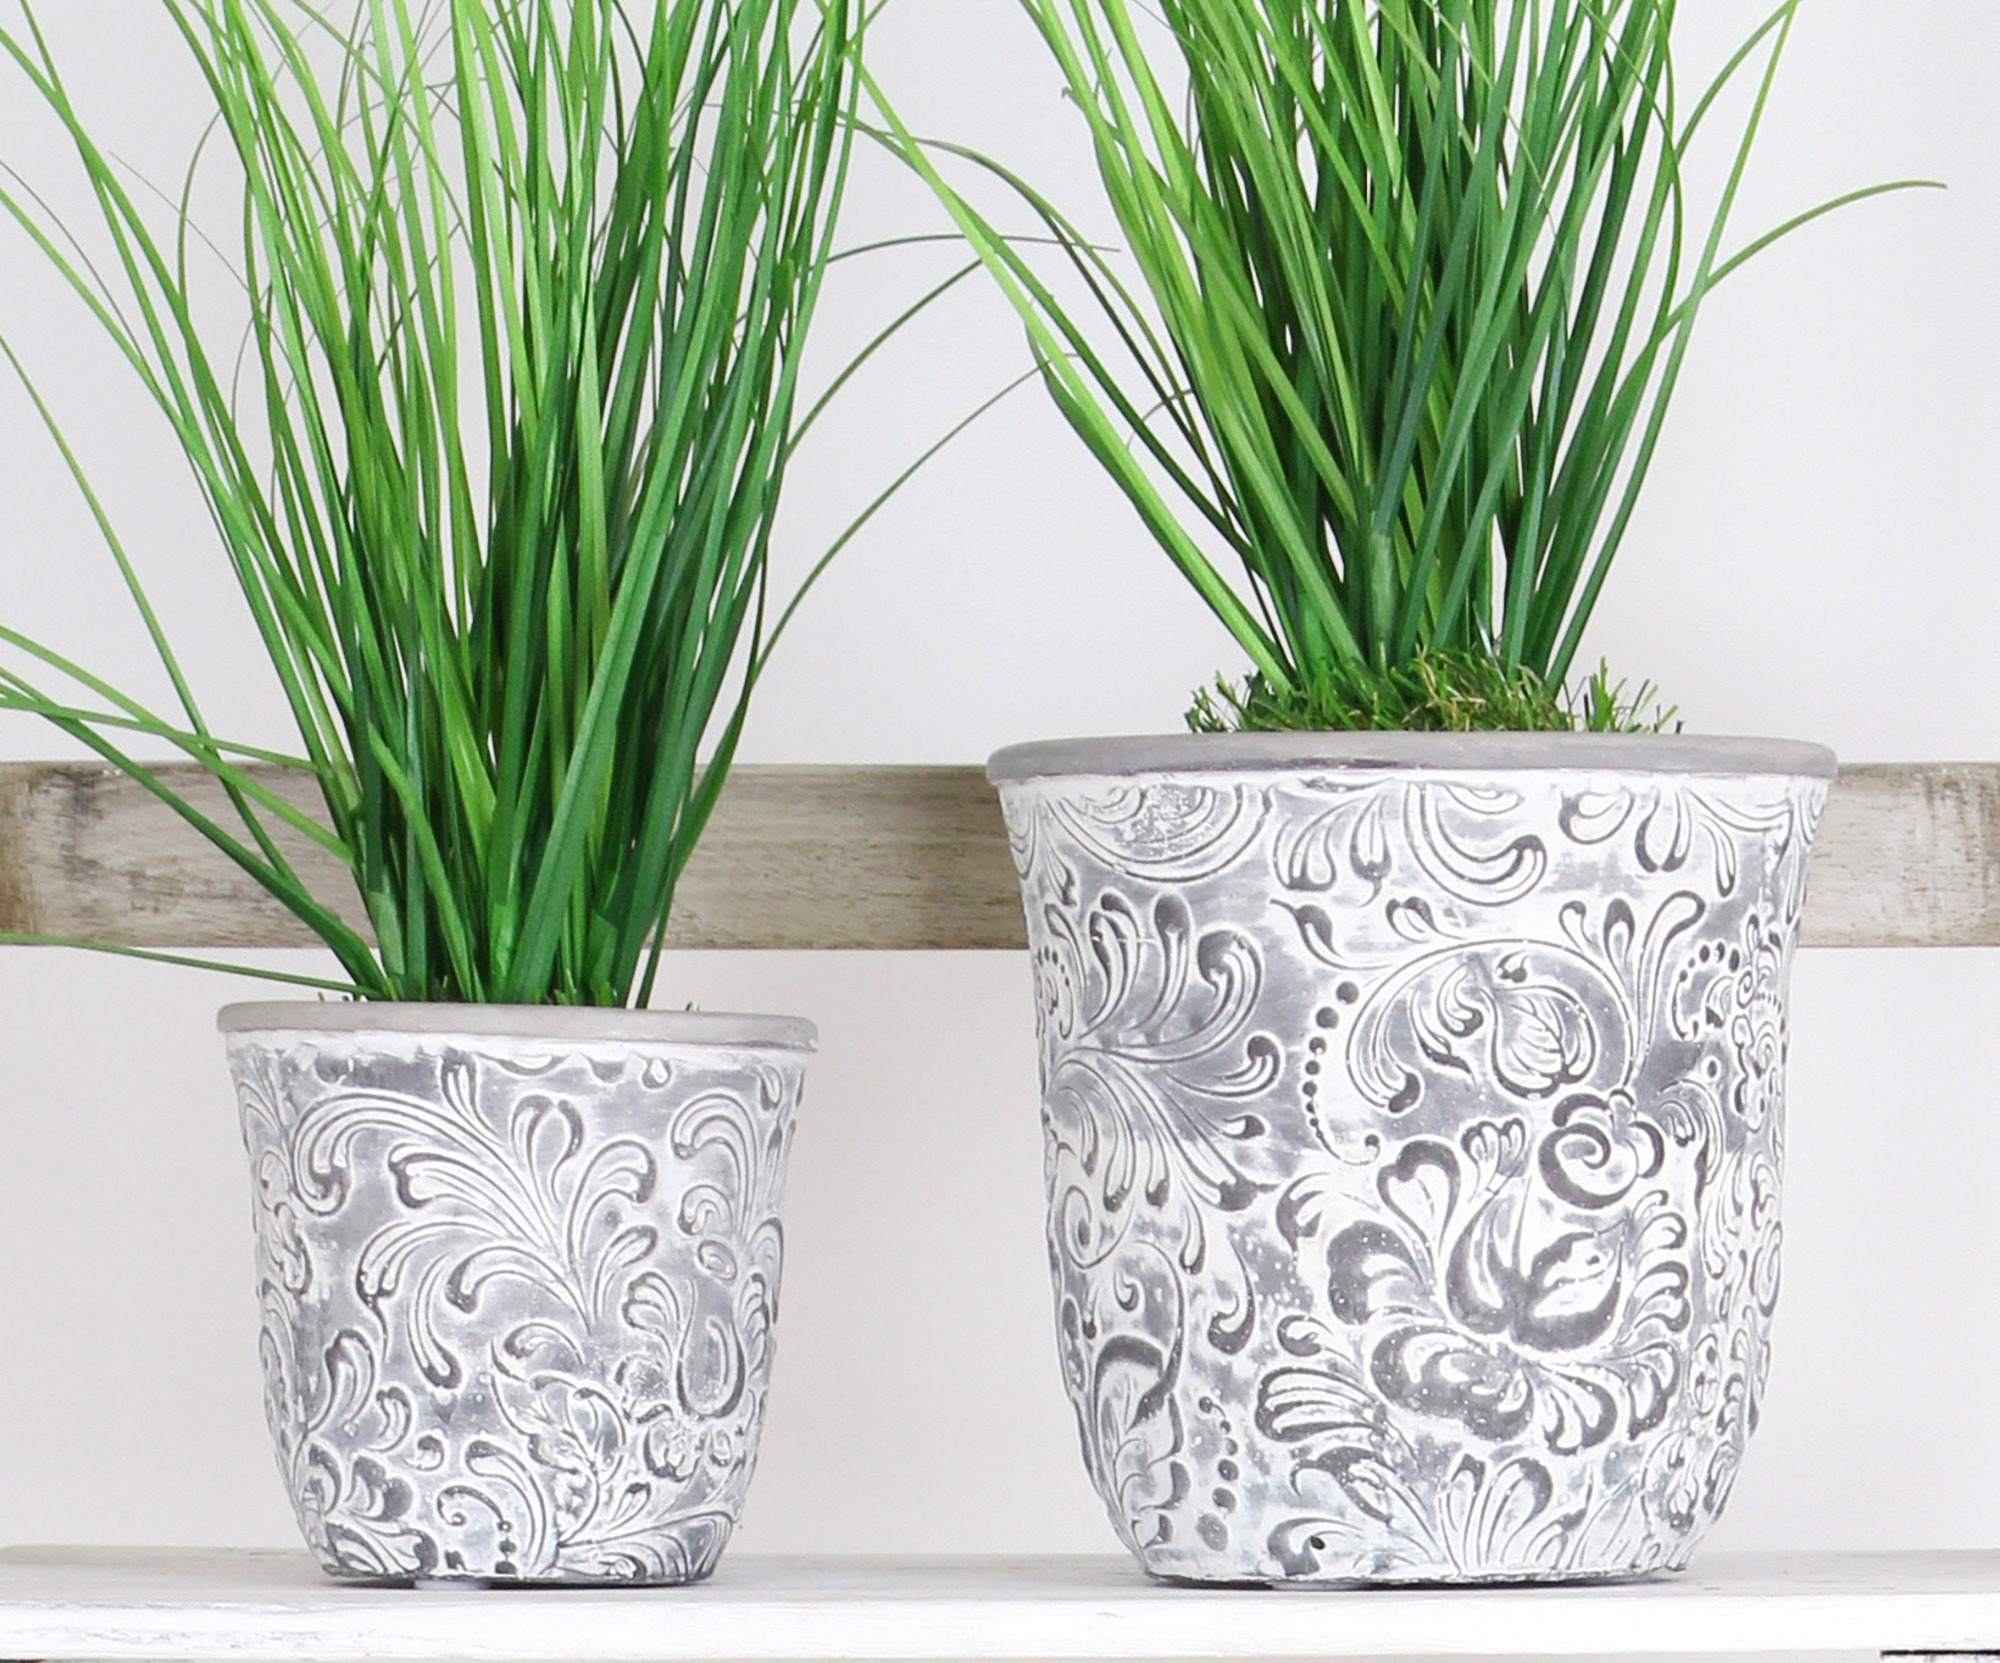 Übertöpfe für die Pflanzenüberwinterung im Wohnzimmer